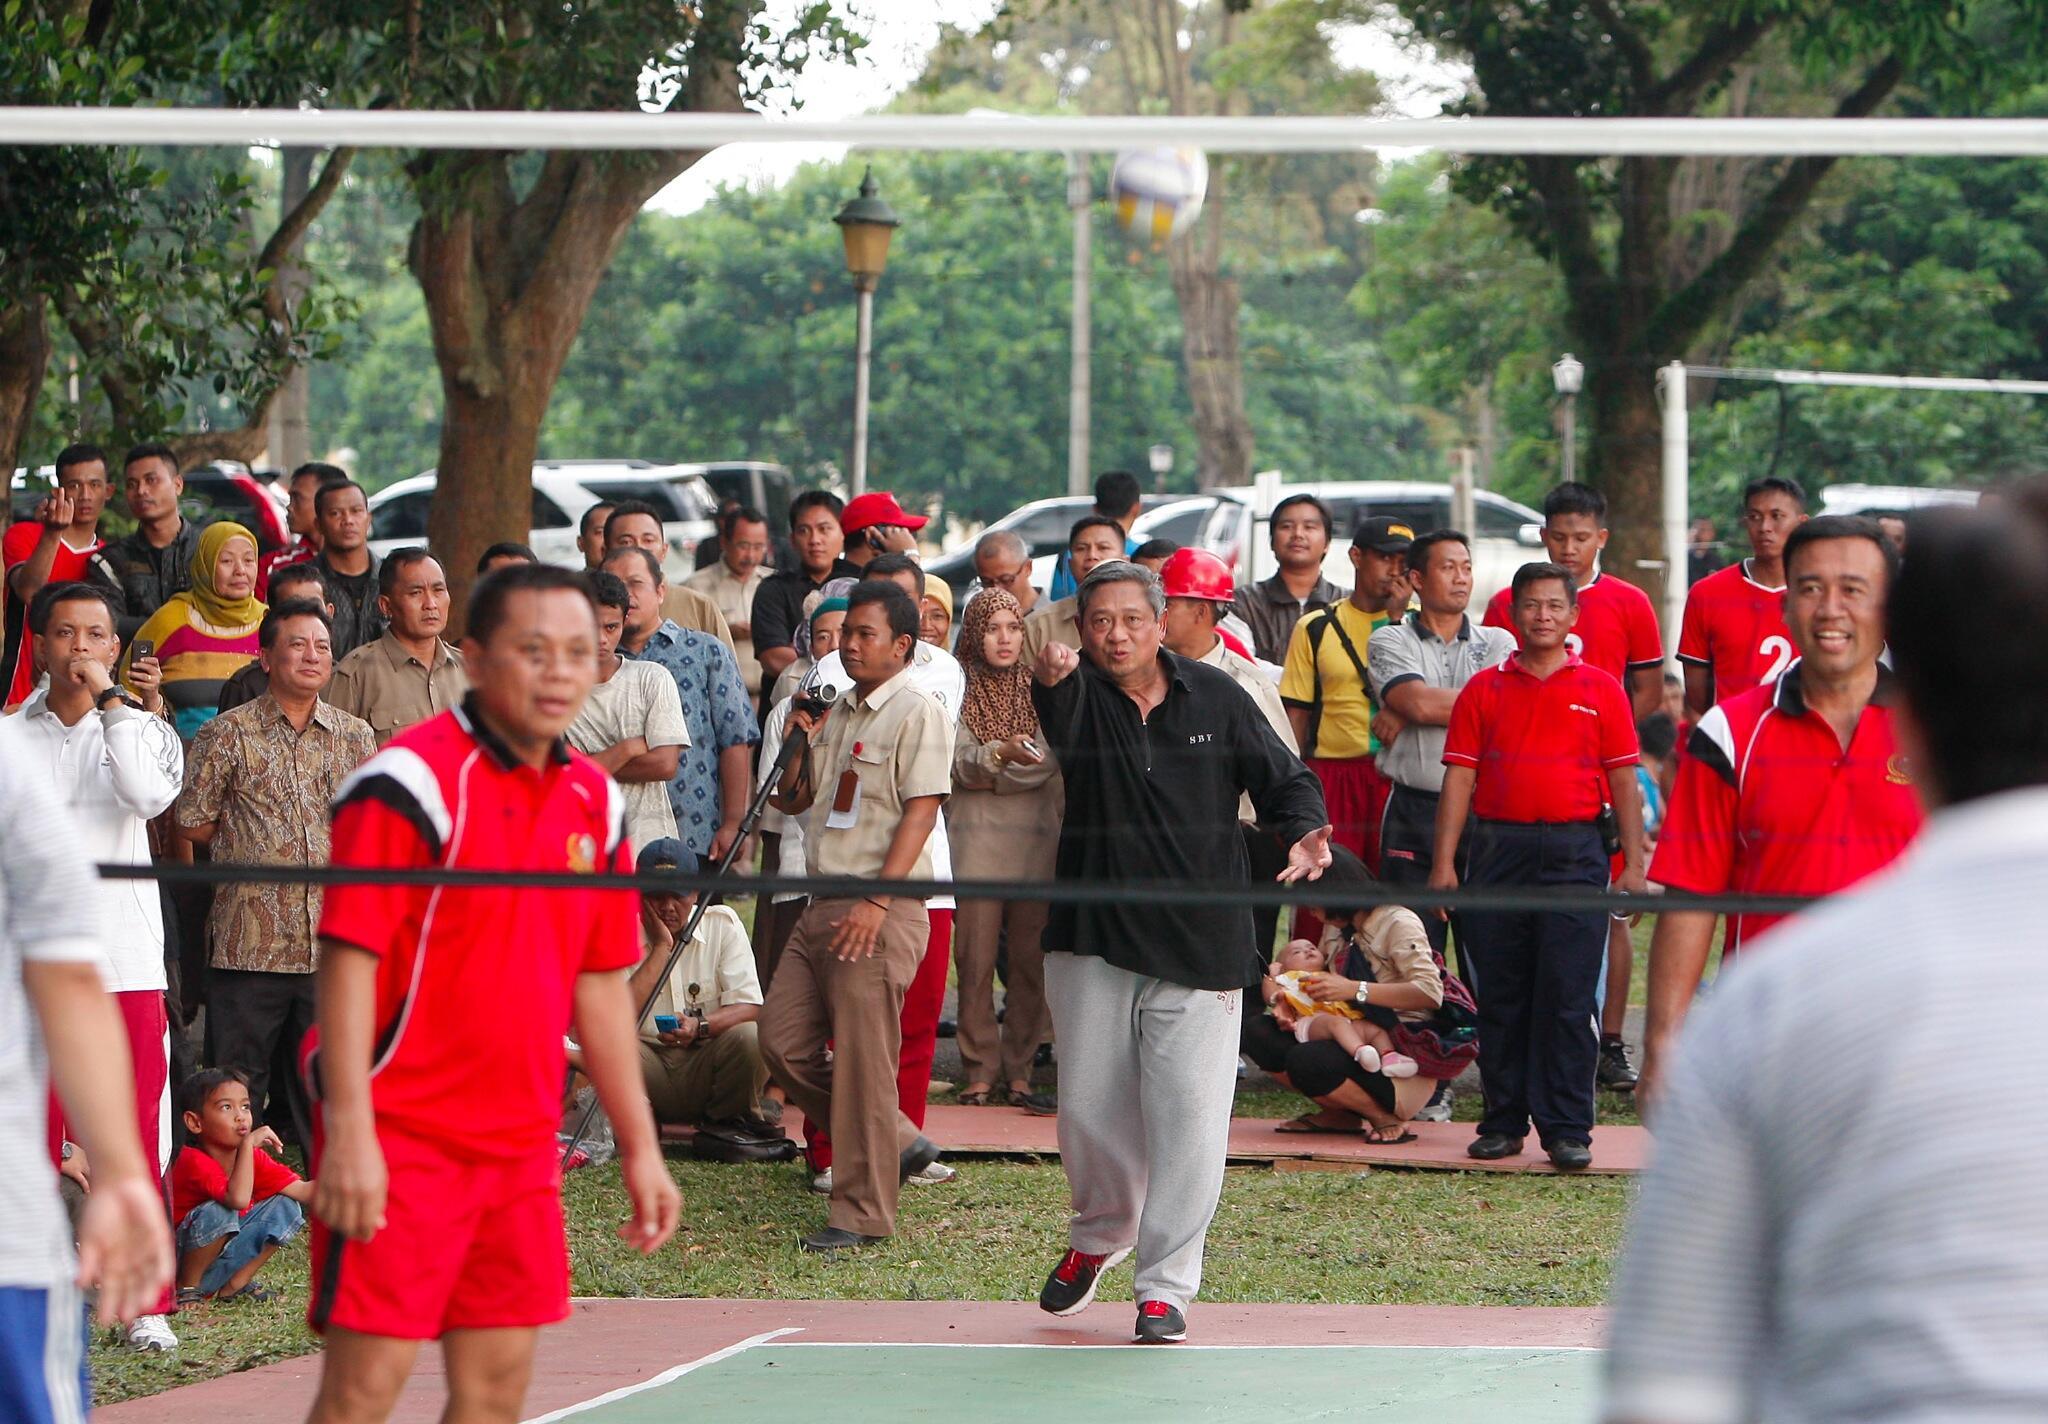 #eaa RT @SBYudhoyono: Bermain volley dengan karyawan Pupuk Kujang dan masyarakat Karawang. http://t.co/QCgLGzLLvi